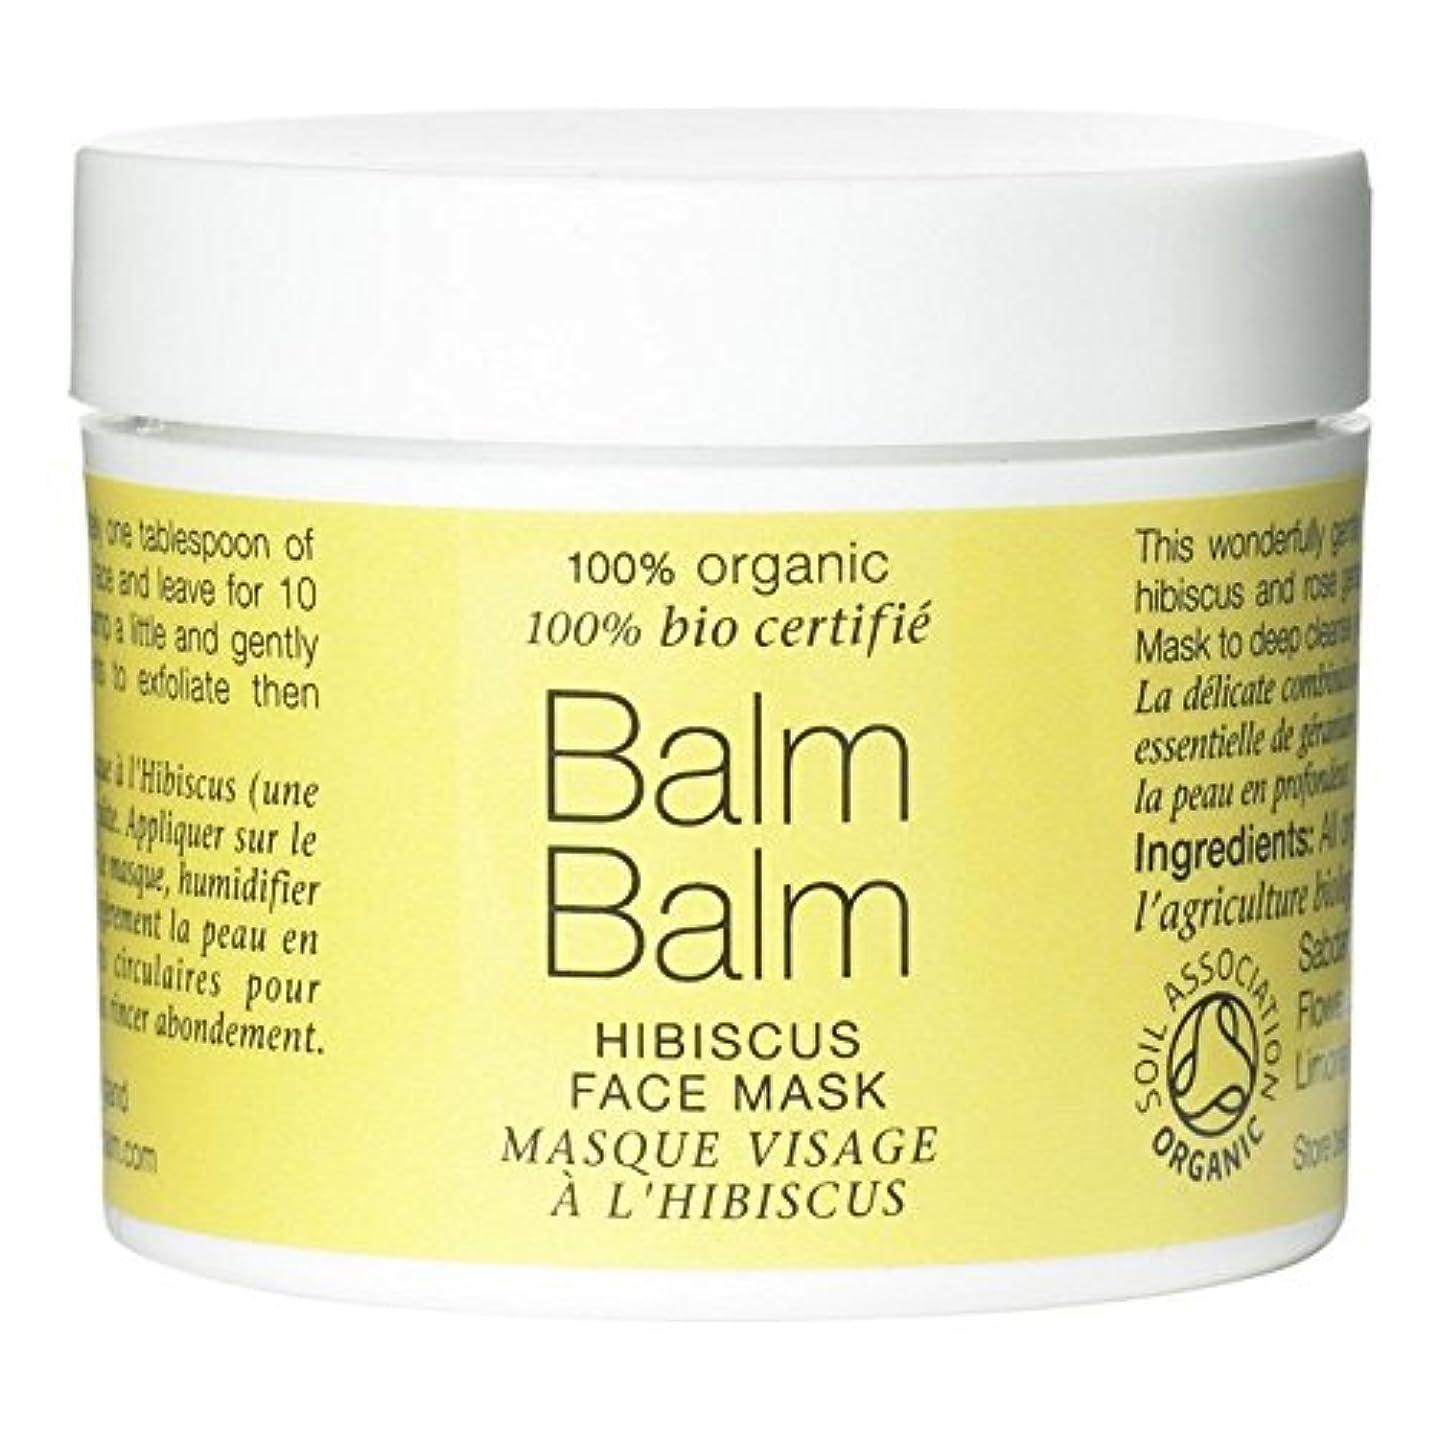 病気だと思うそよ風水平バームバームオーガニックハイビスカスフェイスマスク100グラム x4 - Balm Balm Organic Hibiscus Face Mask 100g (Pack of 4) [並行輸入品]